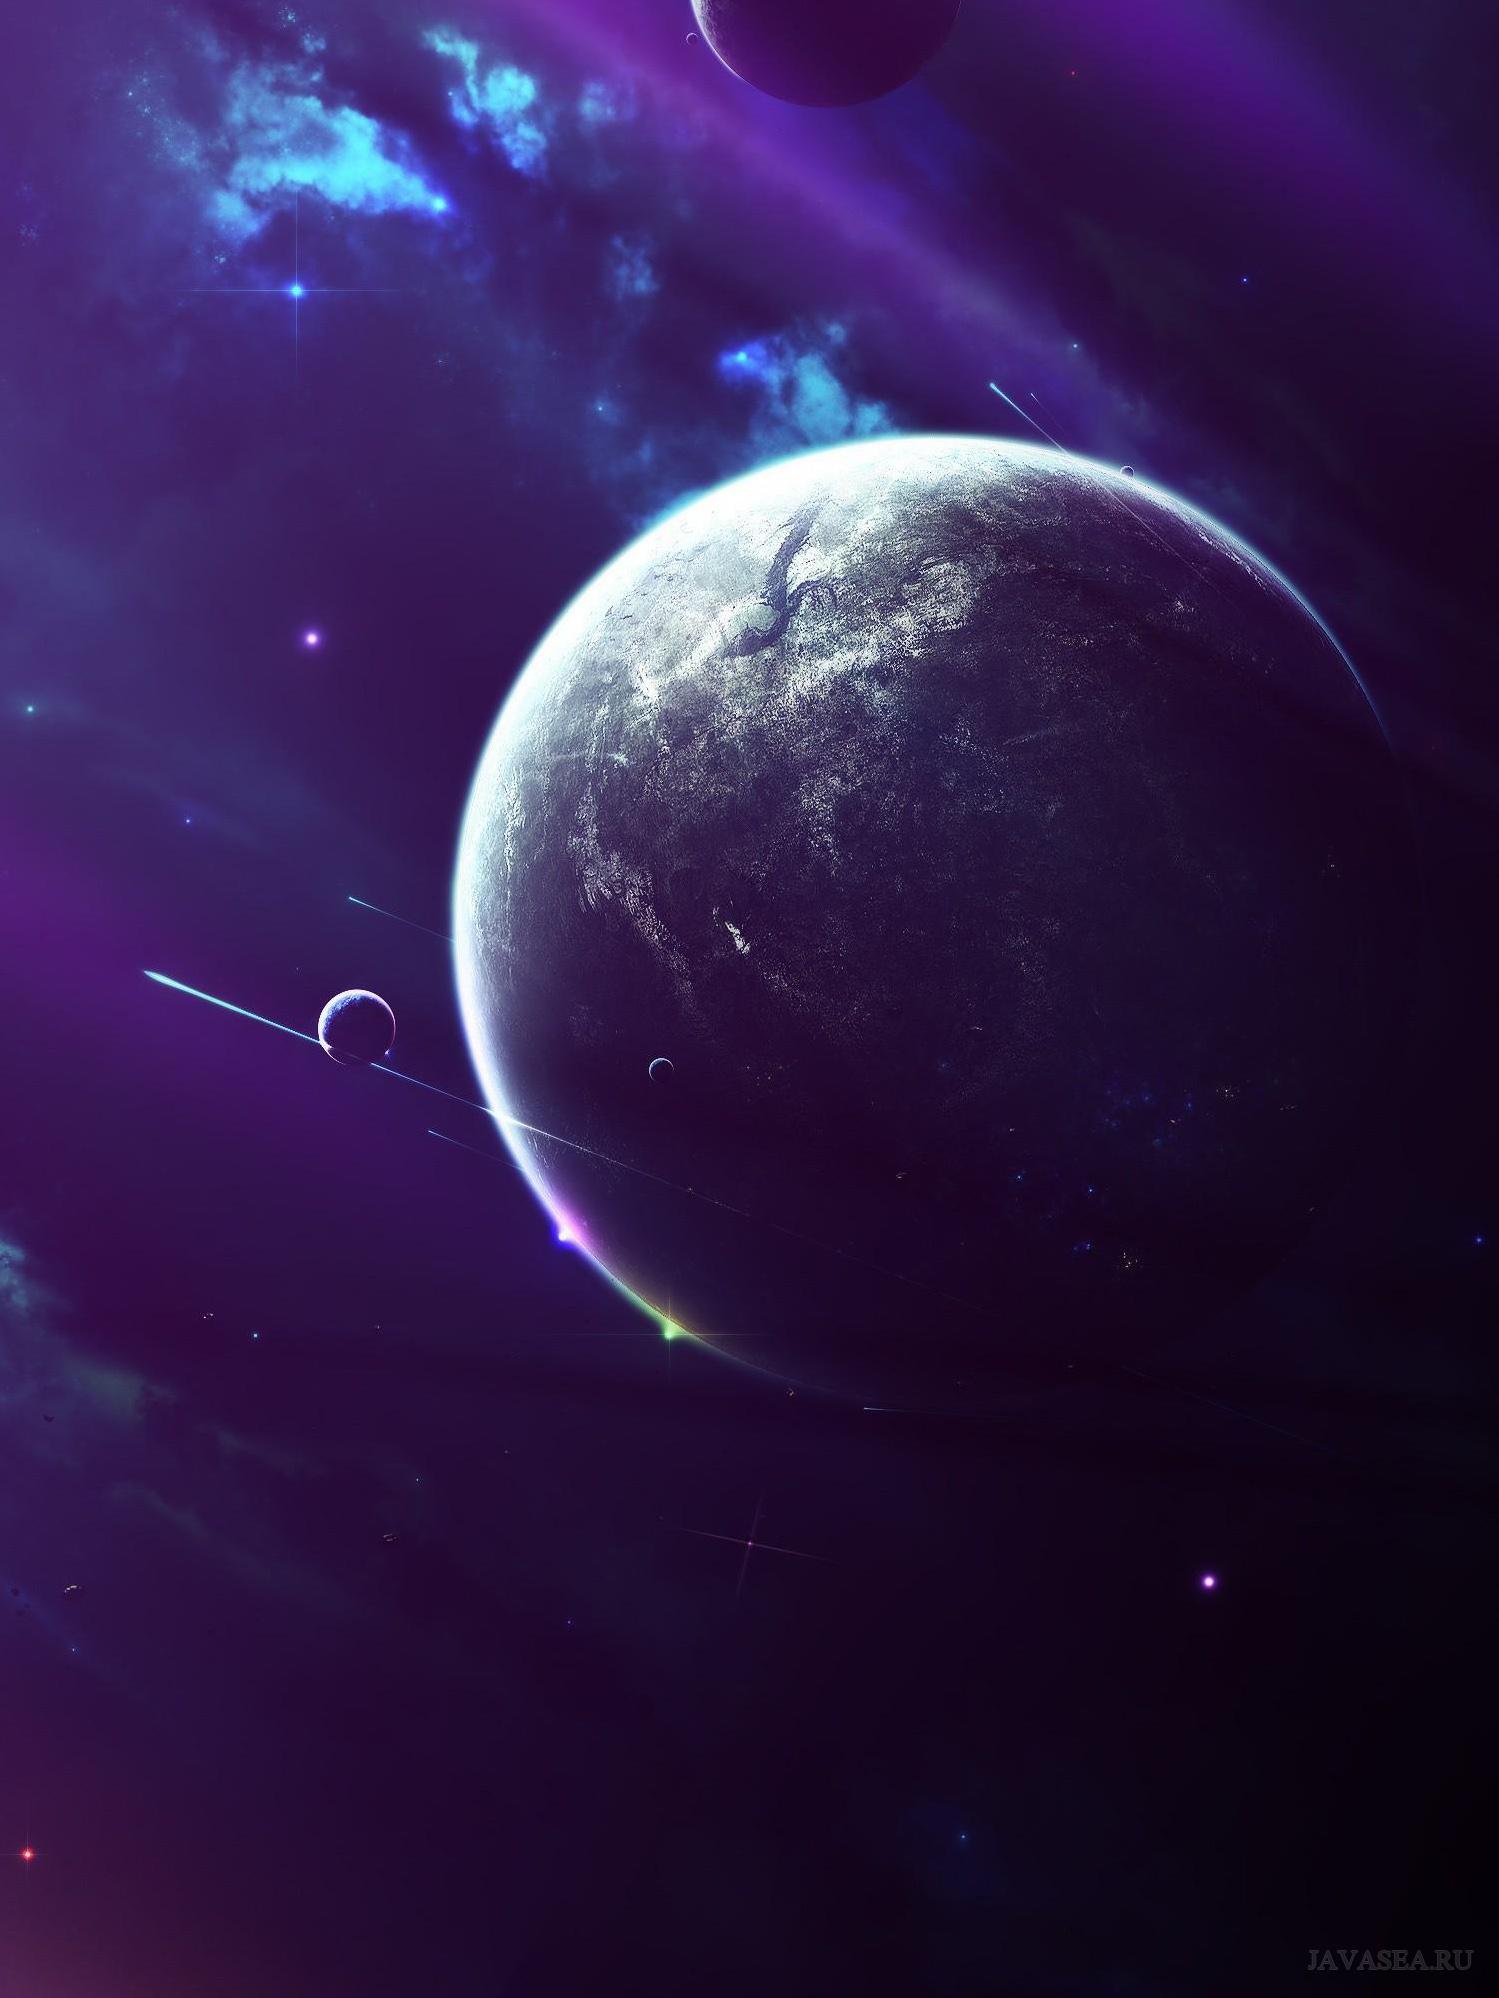 Скачать картинки космоса на телефон бесплатно